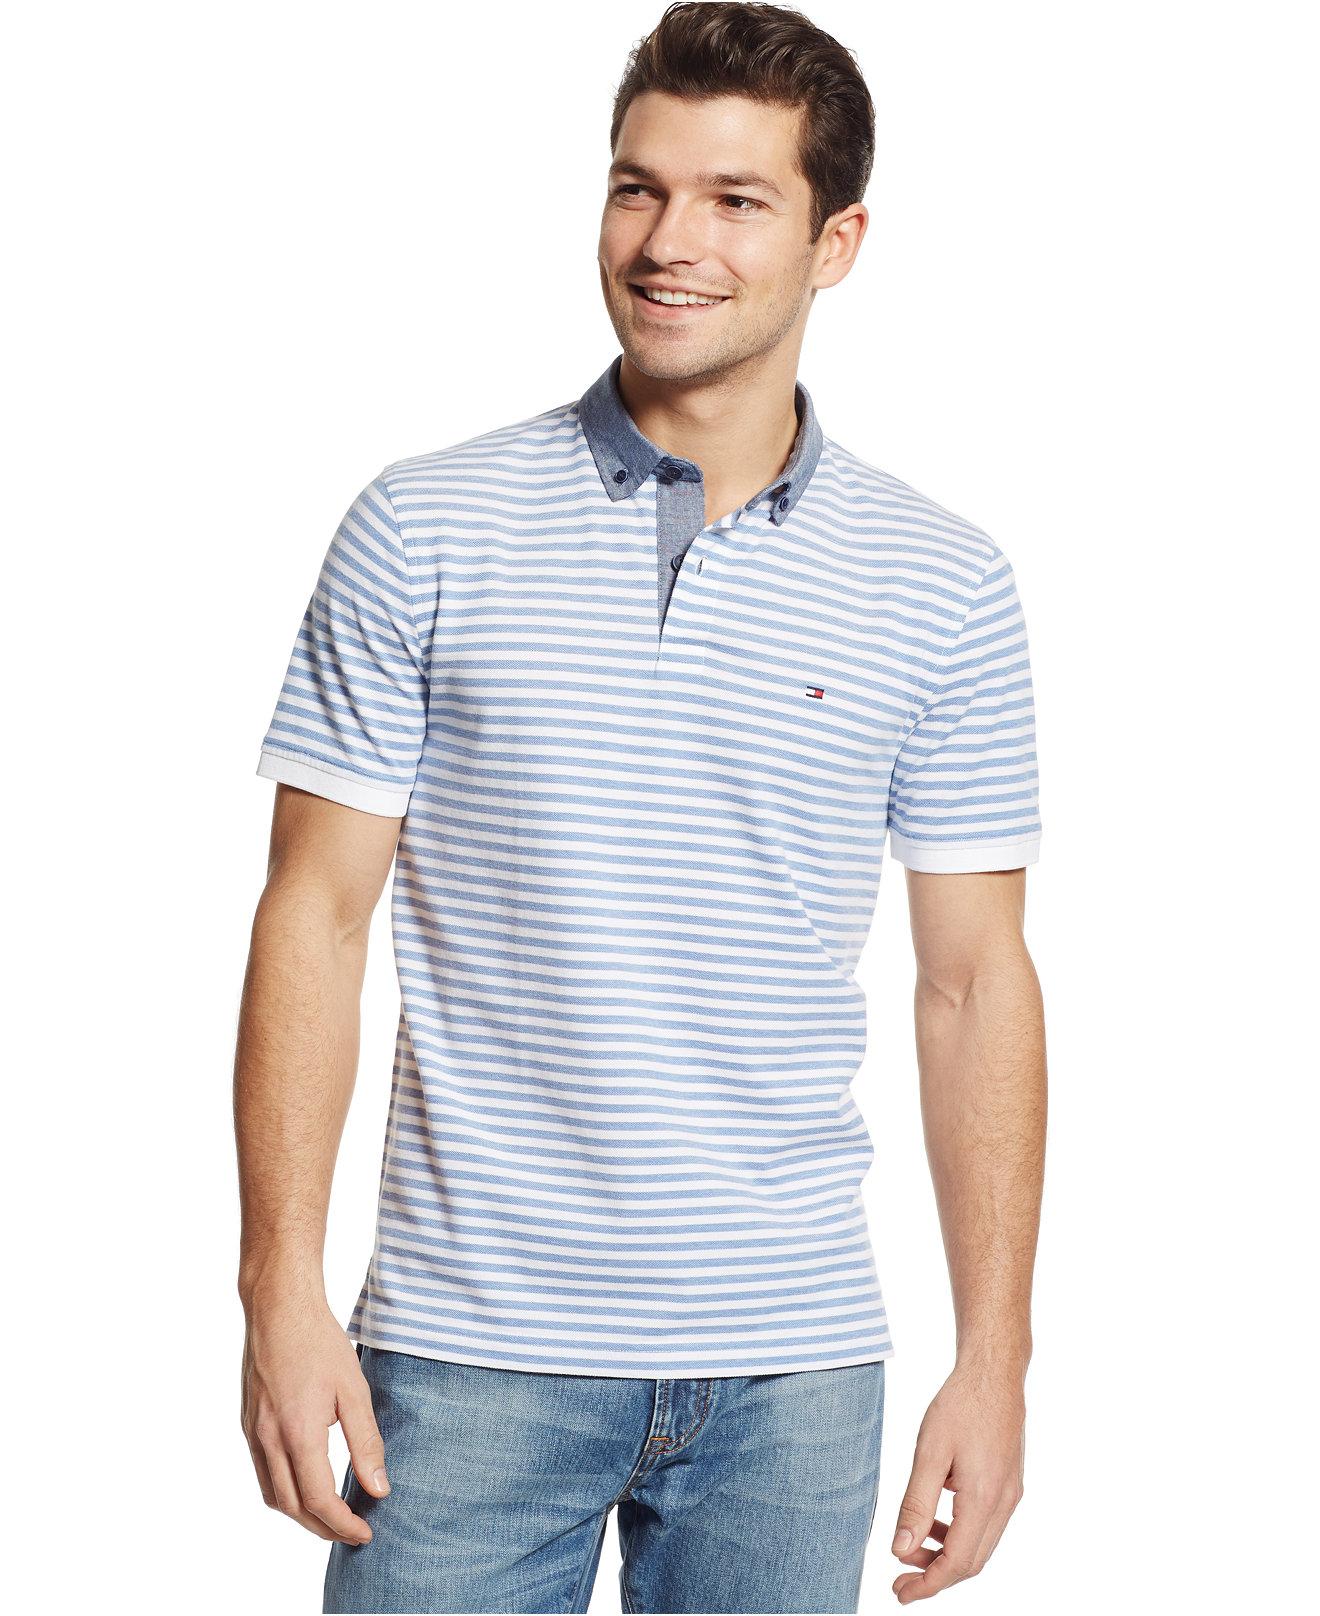 Рубашка поло Tommy hilfiger  2015 Tommy Polo футболка детская tommy hilfiger polo polo